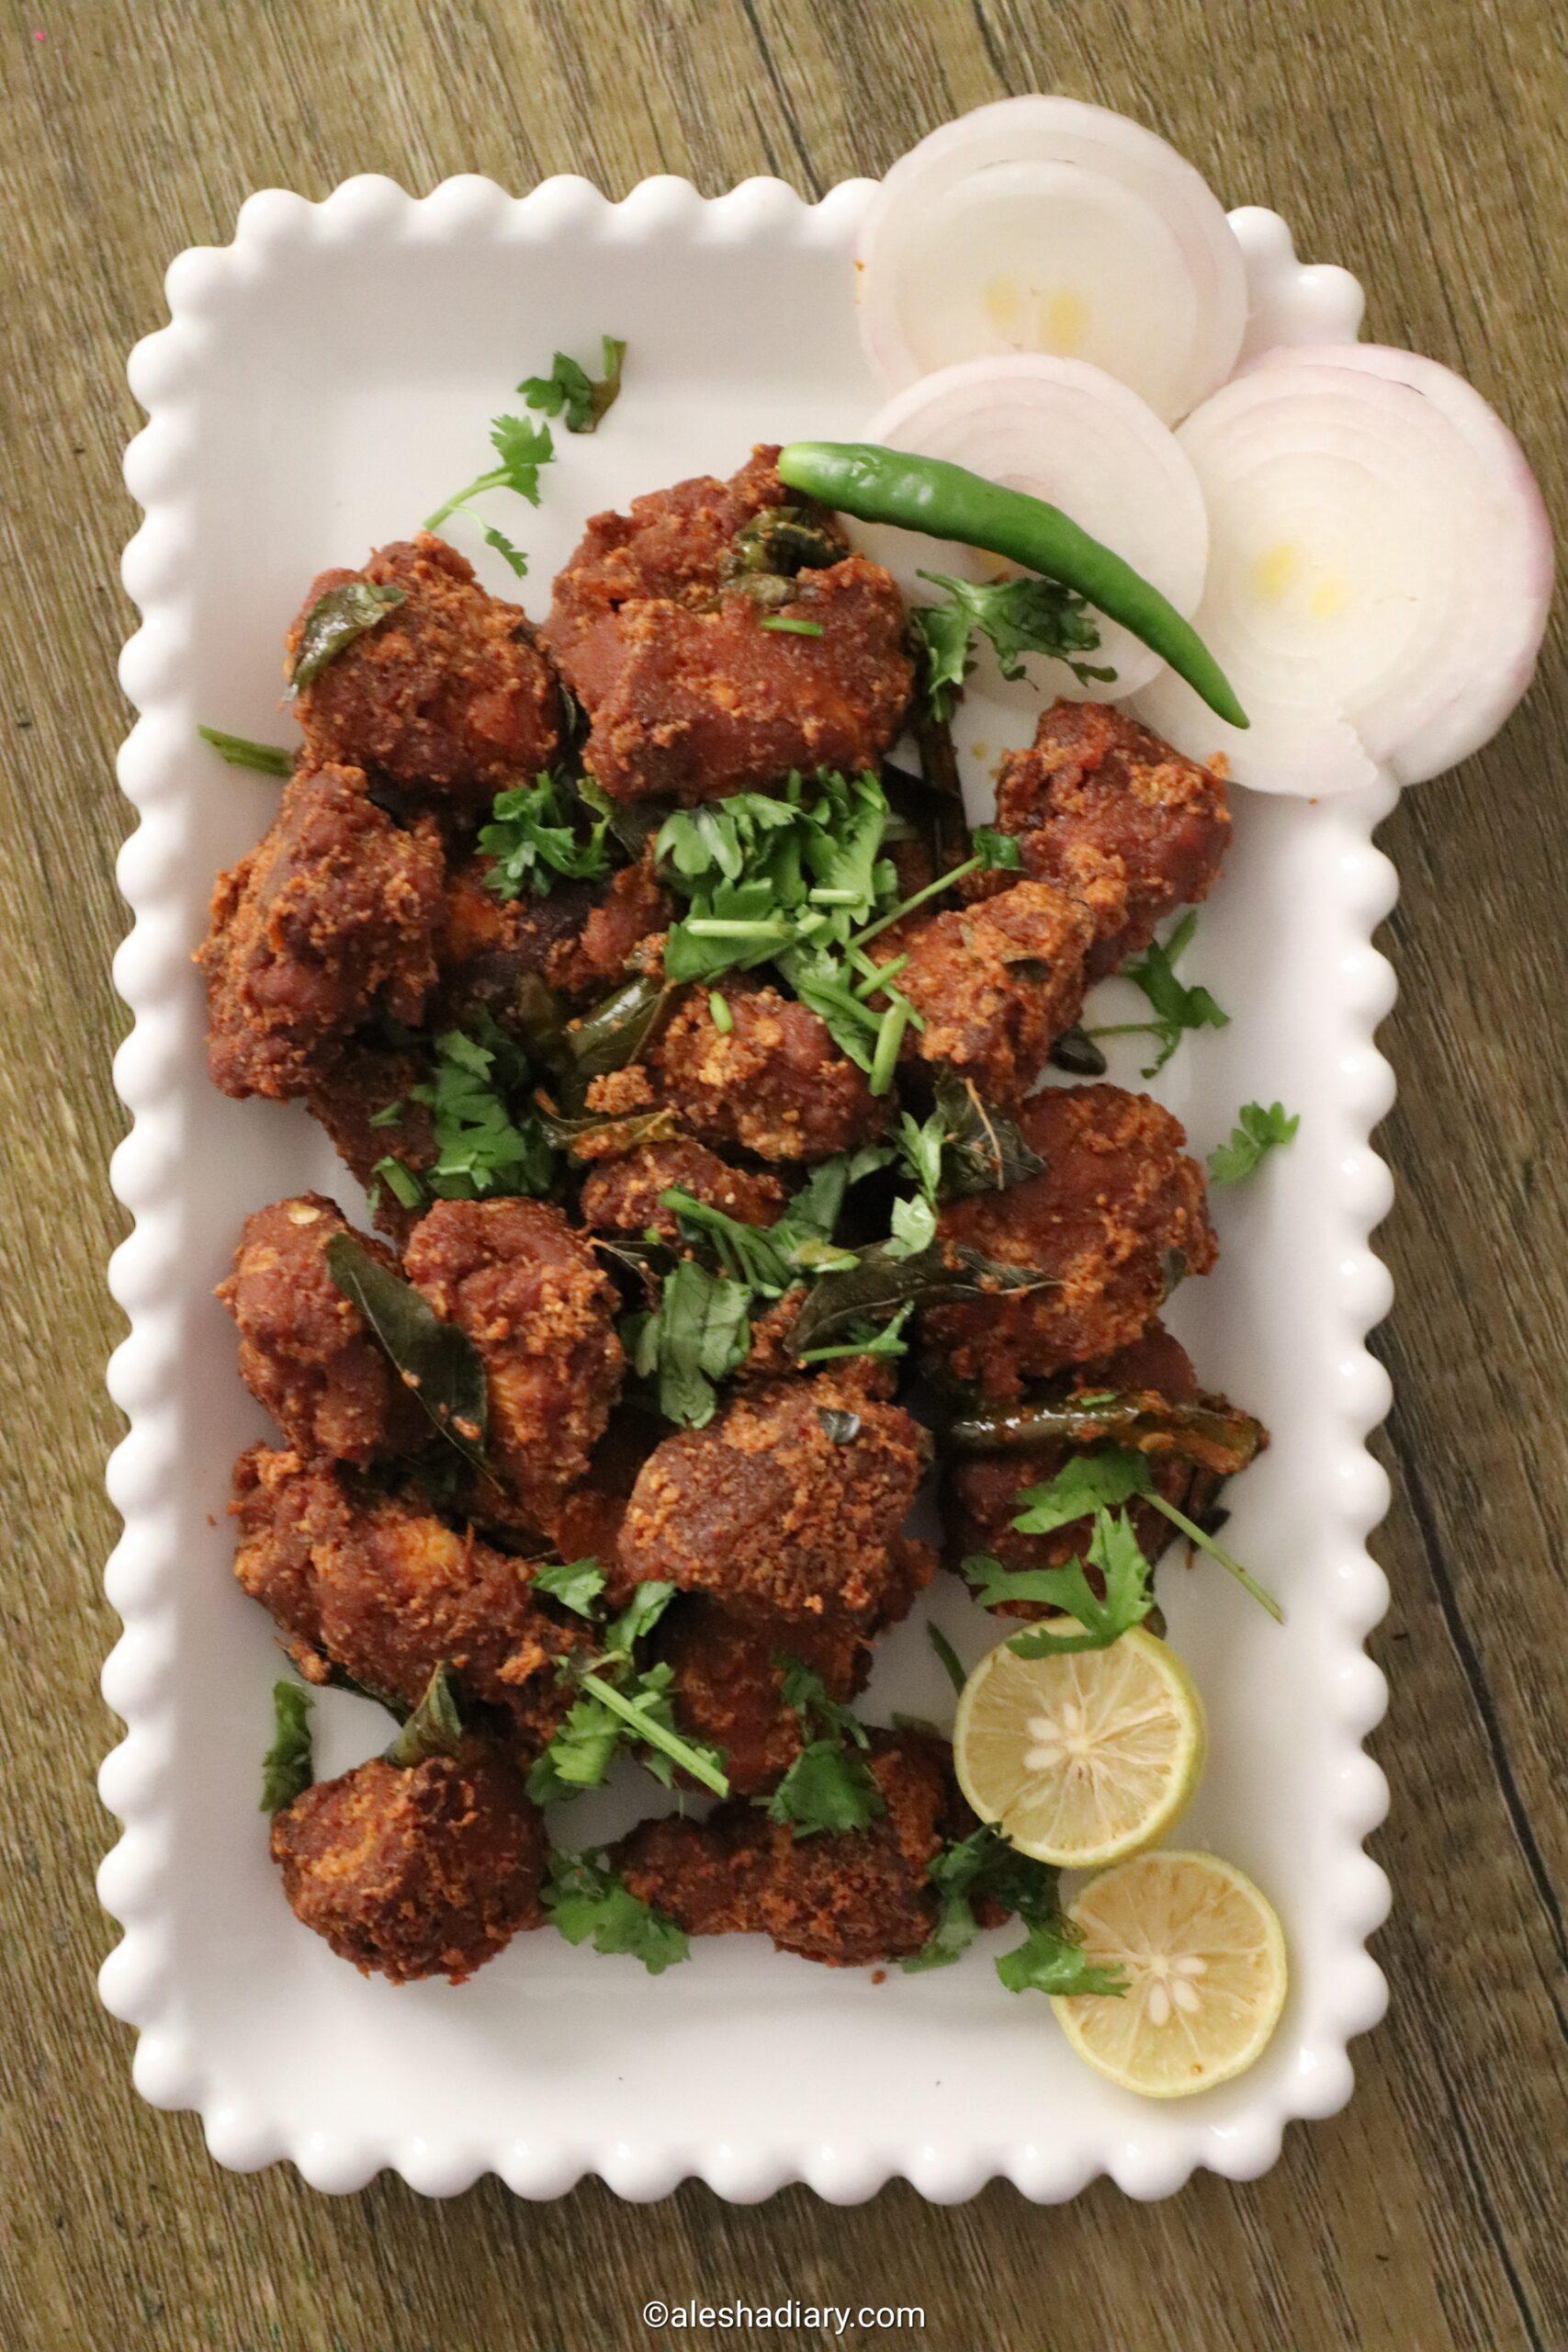 Hyderabadi style Chicken 65 – Hyderabadi restaurant style chicken 65